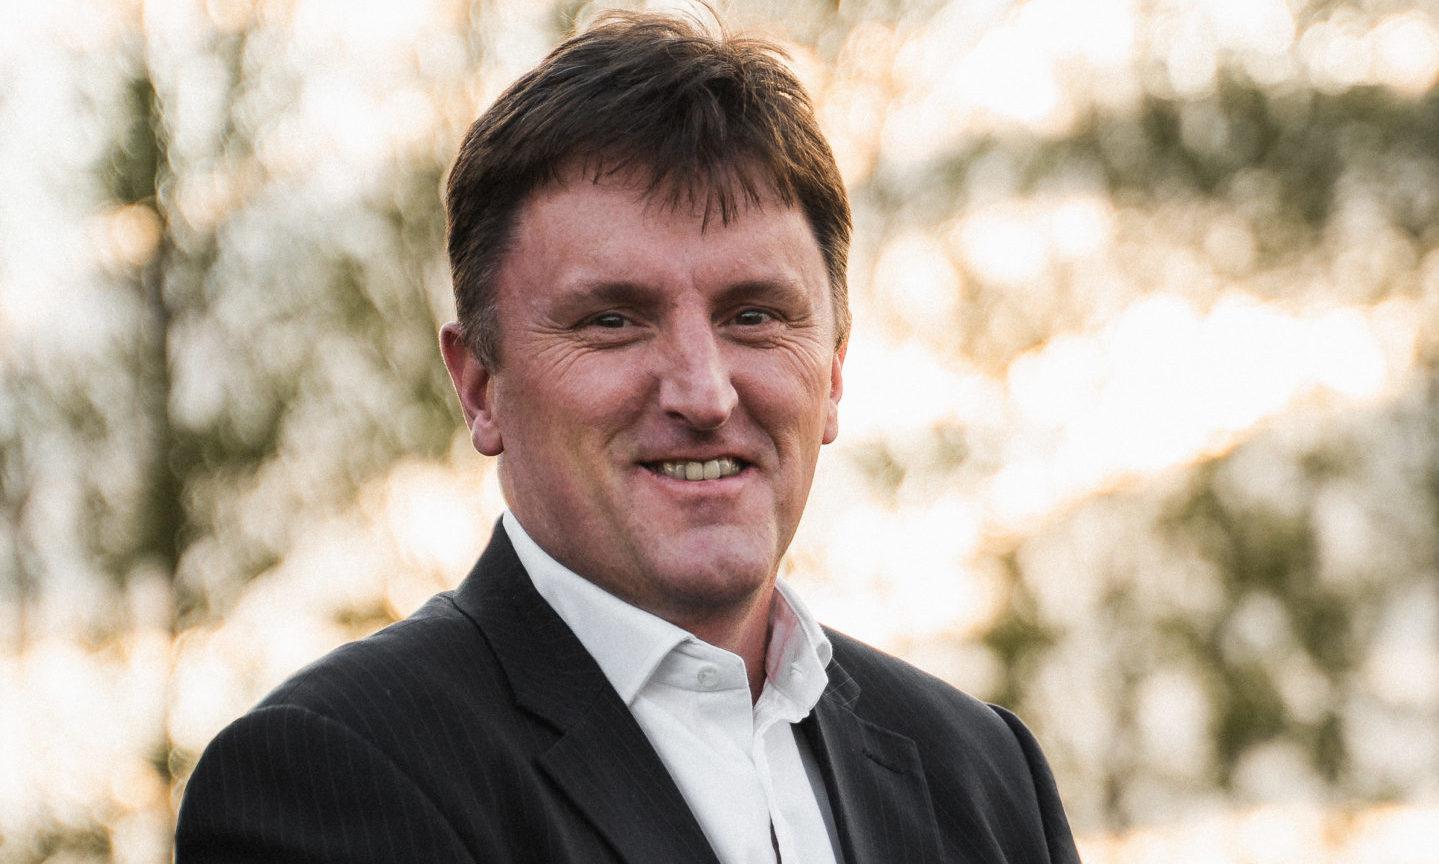 David Rose, commercial property partner at Lindsays